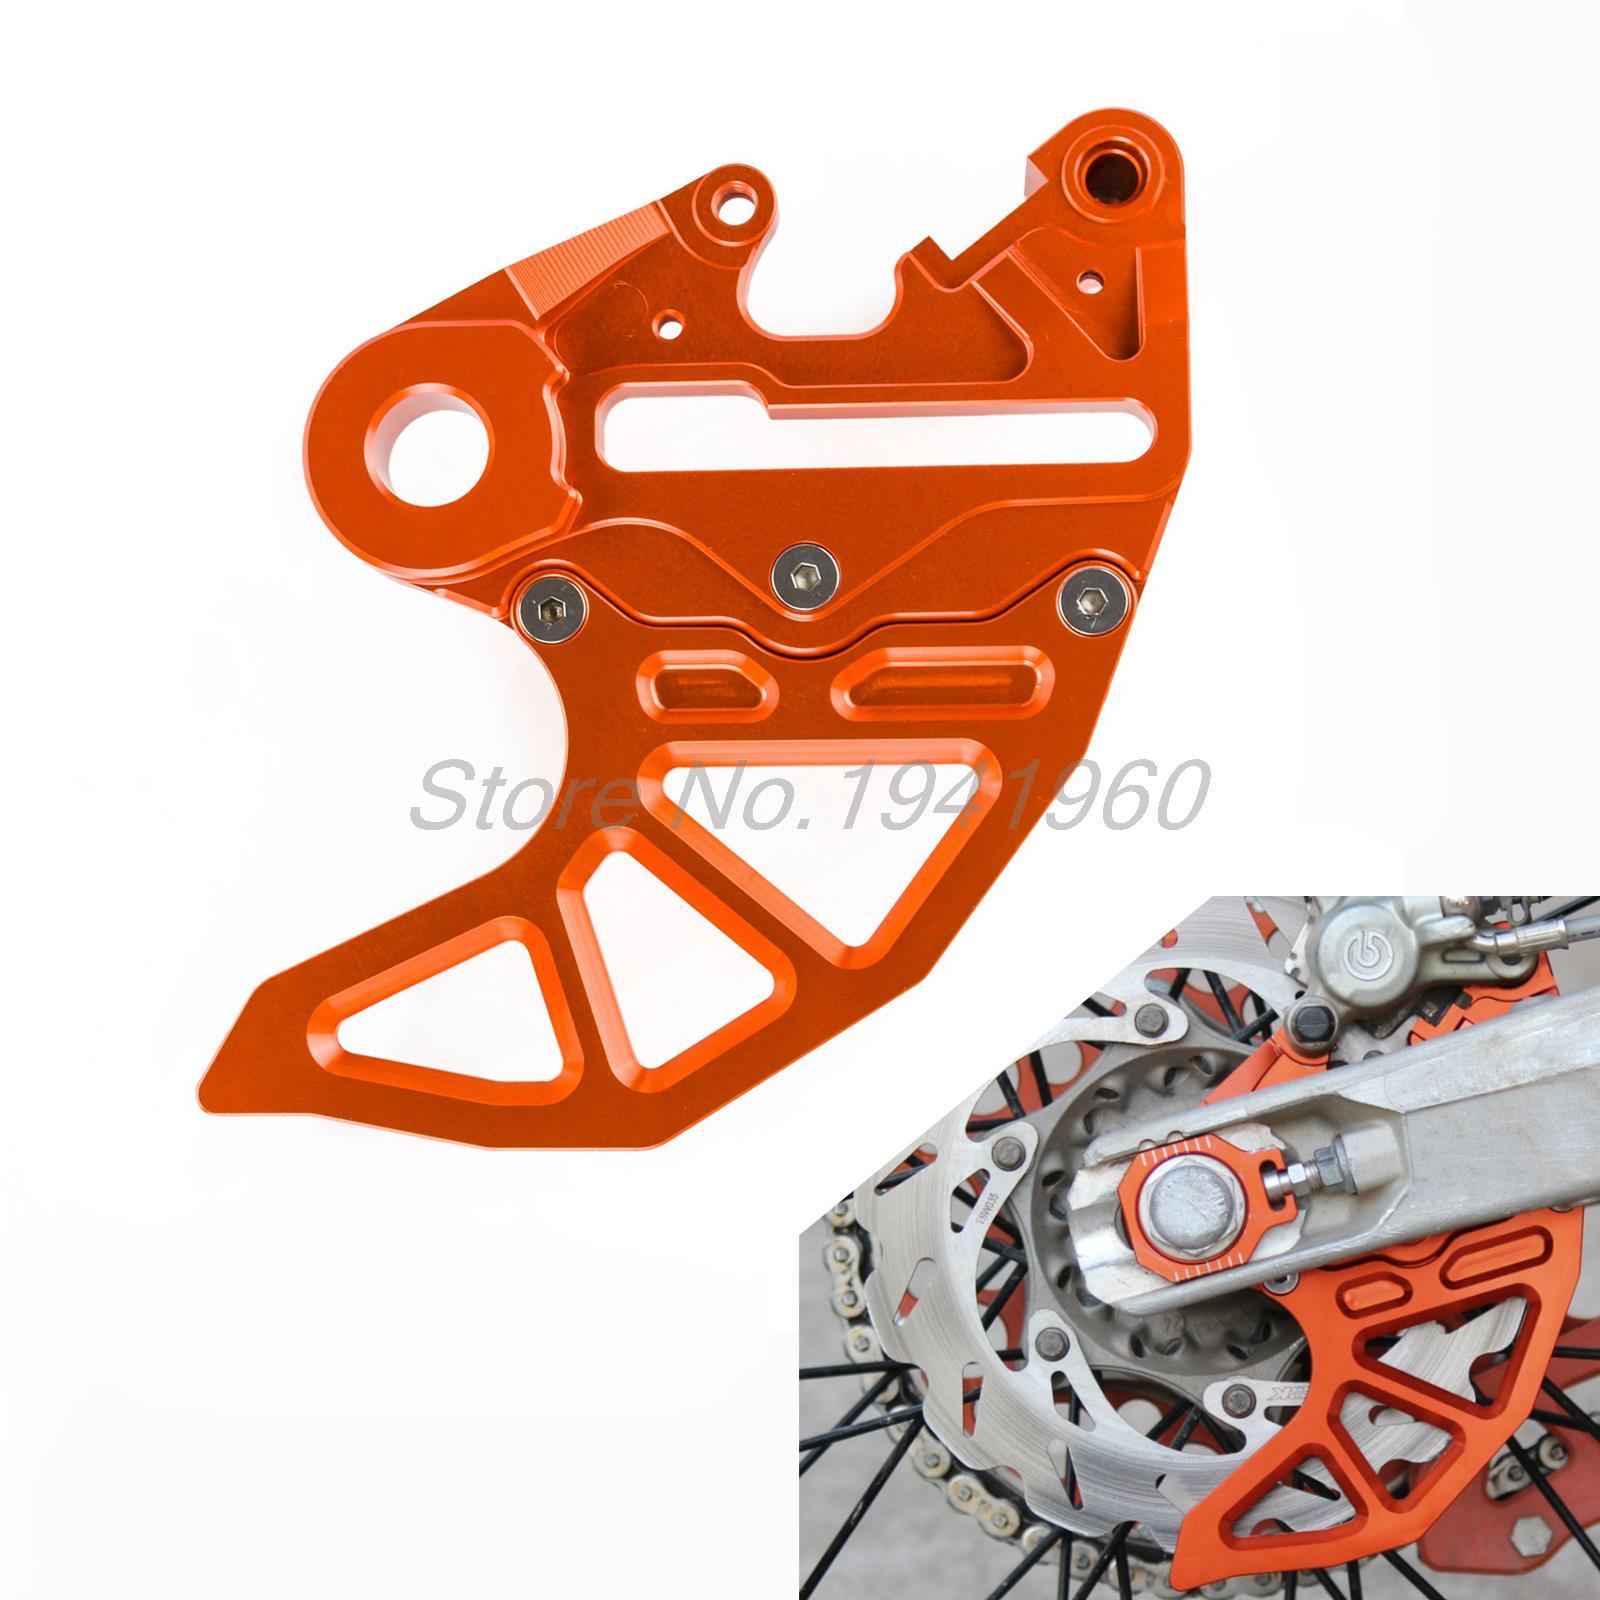 Hátsó féktárcsa rotorvédő fedél féknyeregtartóval A KTM 125 150 250 350 450 SX SXF EXCF XC Husqvarna Husaberg TE FE